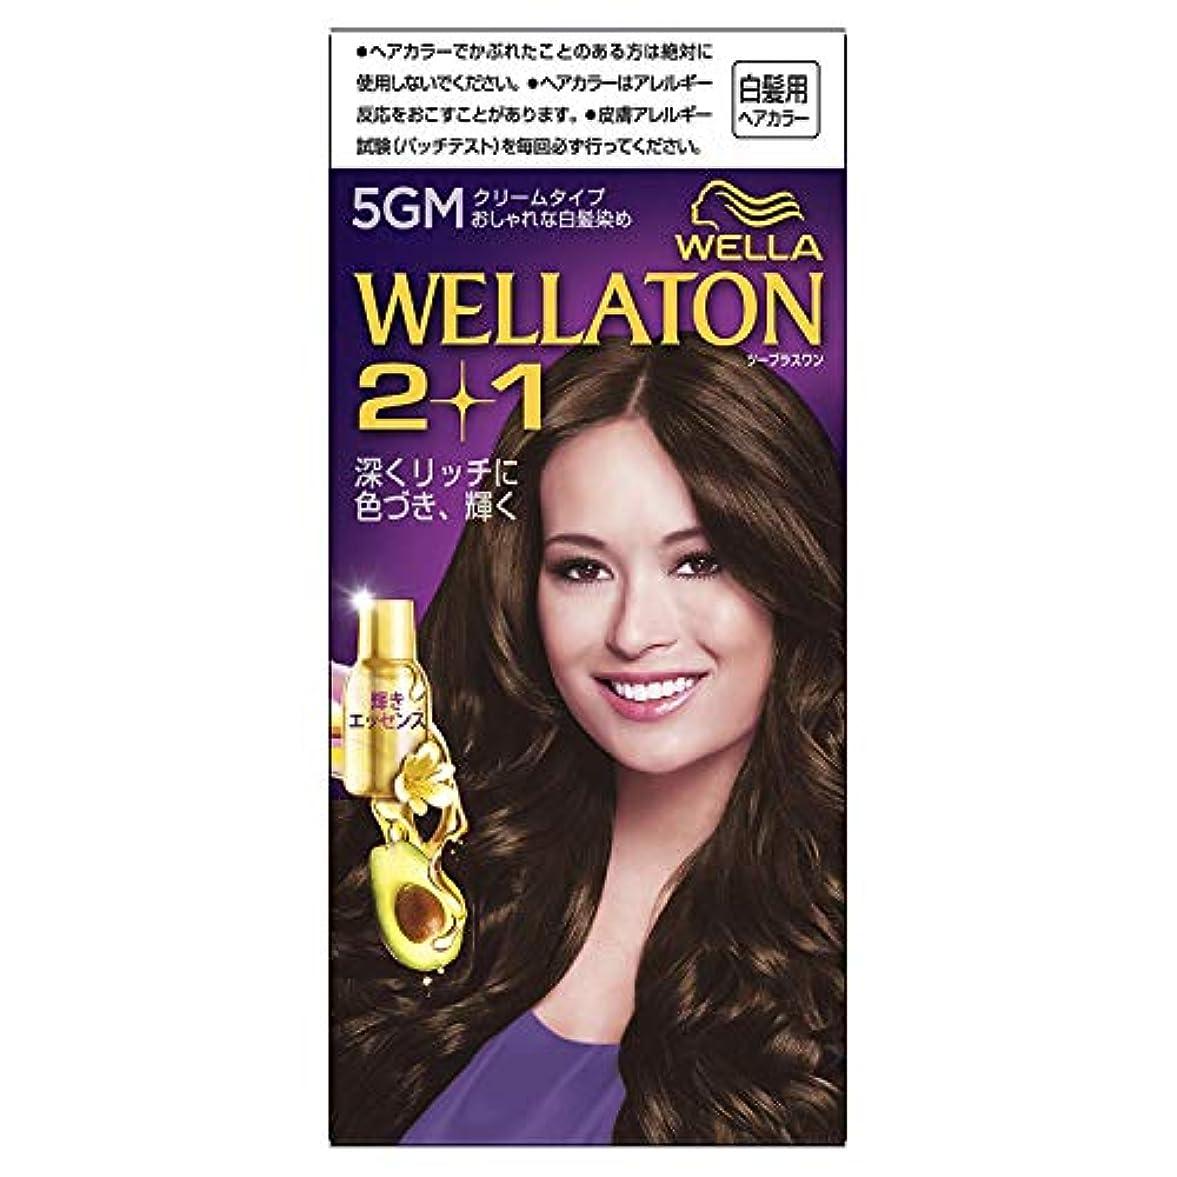 刃公式否定するウエラトーン2+1 クリームタイプ 5GM [医薬部外品]×6個